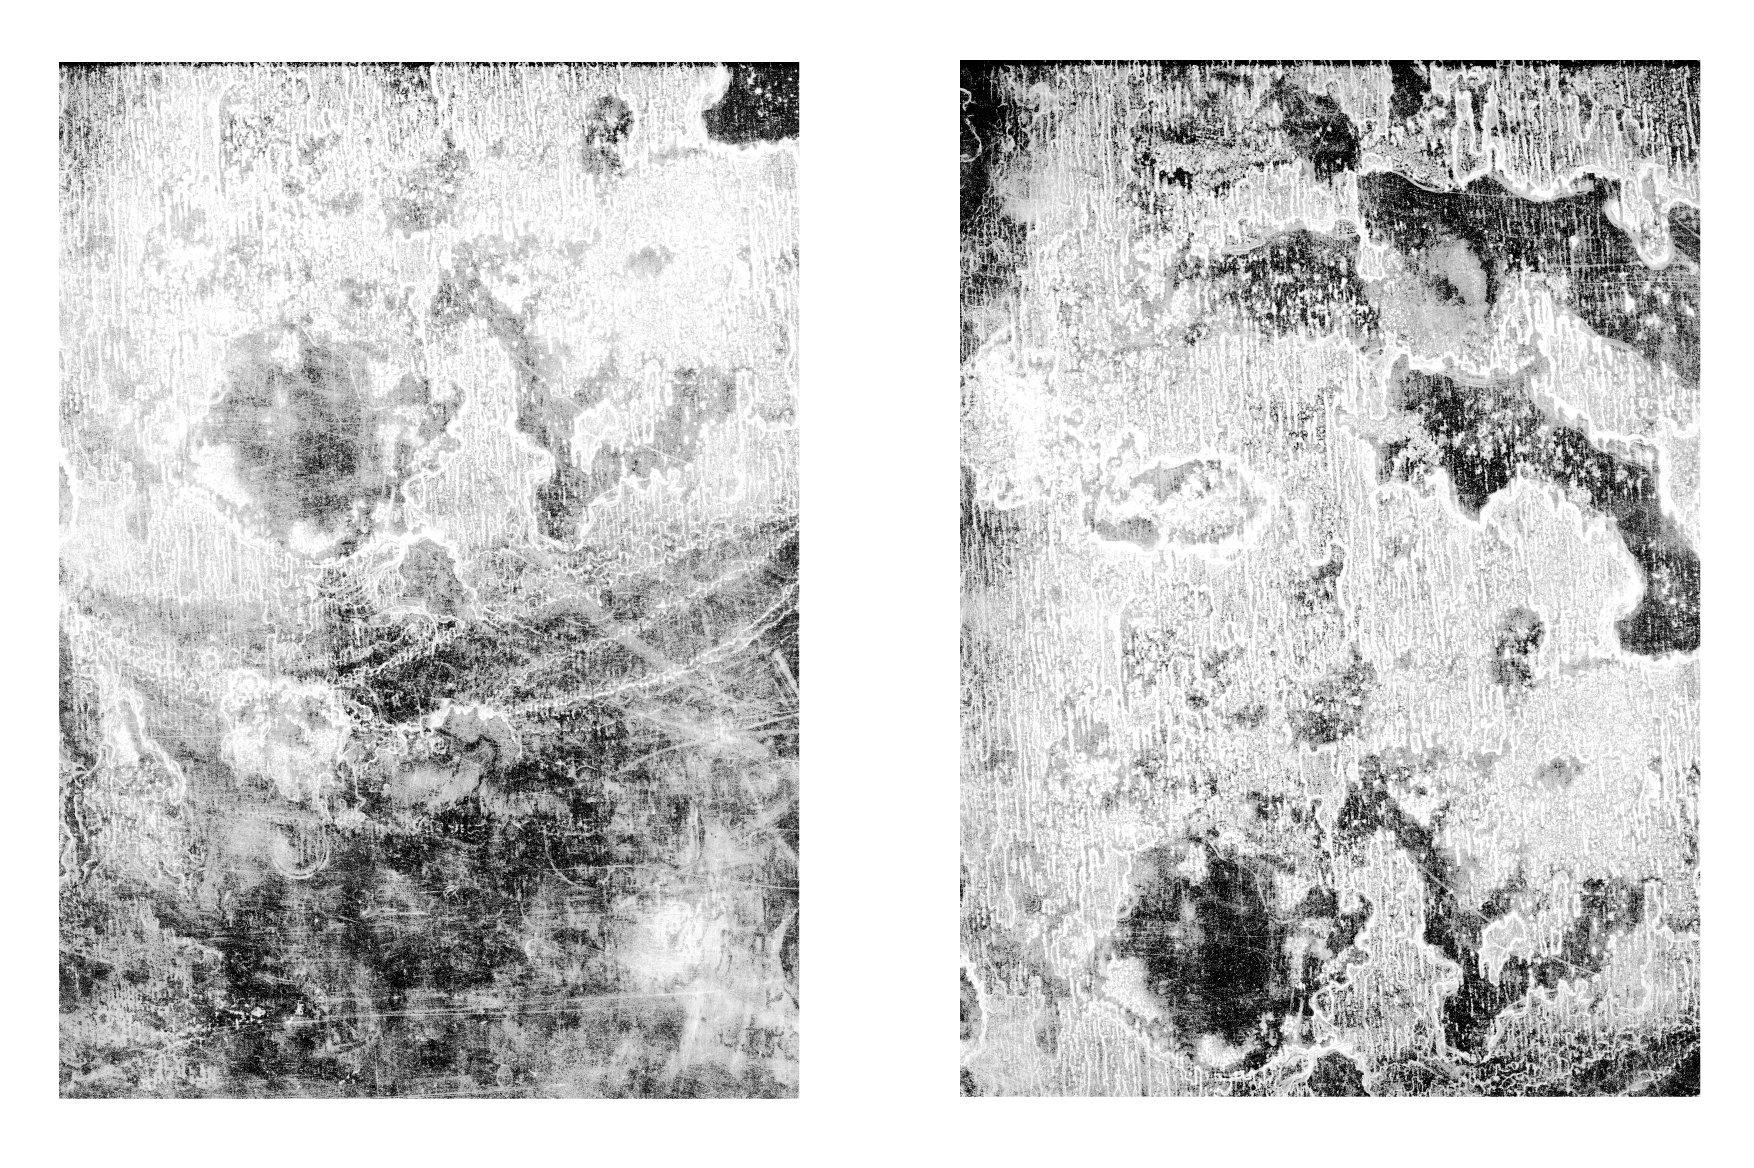 156款复古做旧折痕磨损褶皱纸张背景纹理素材合集 The Grunge Texture Bundle Vol. 1插图(42)